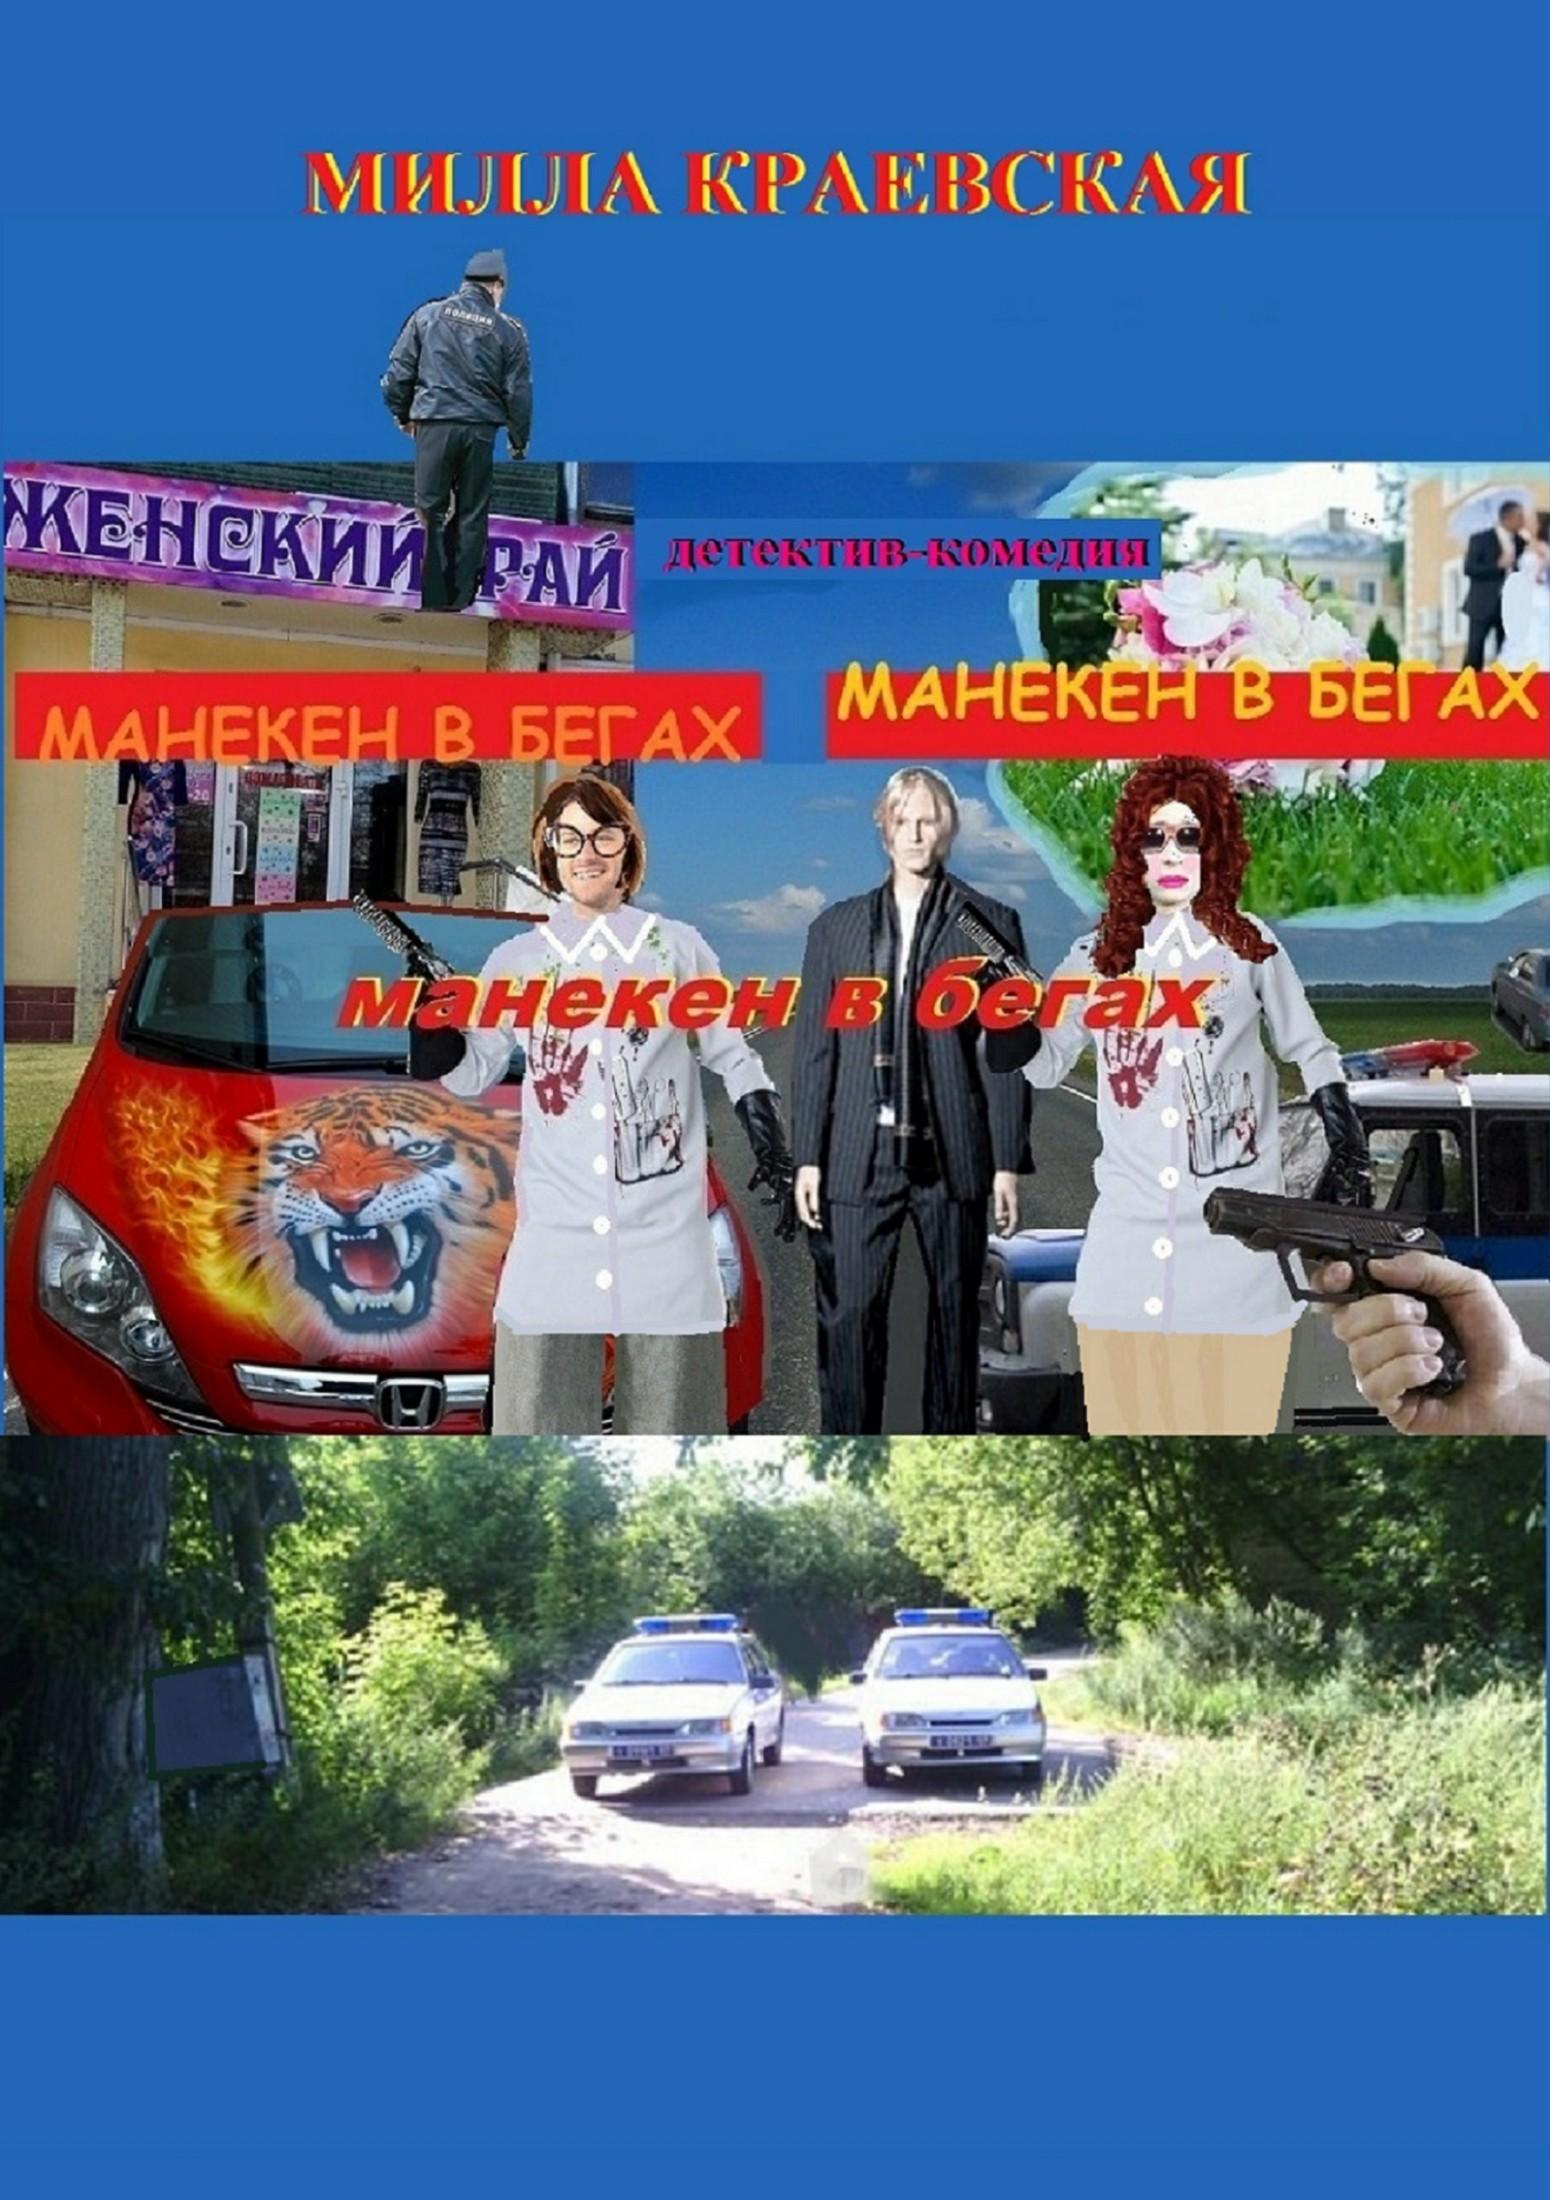 Милла Краевская - Манекен в бегах